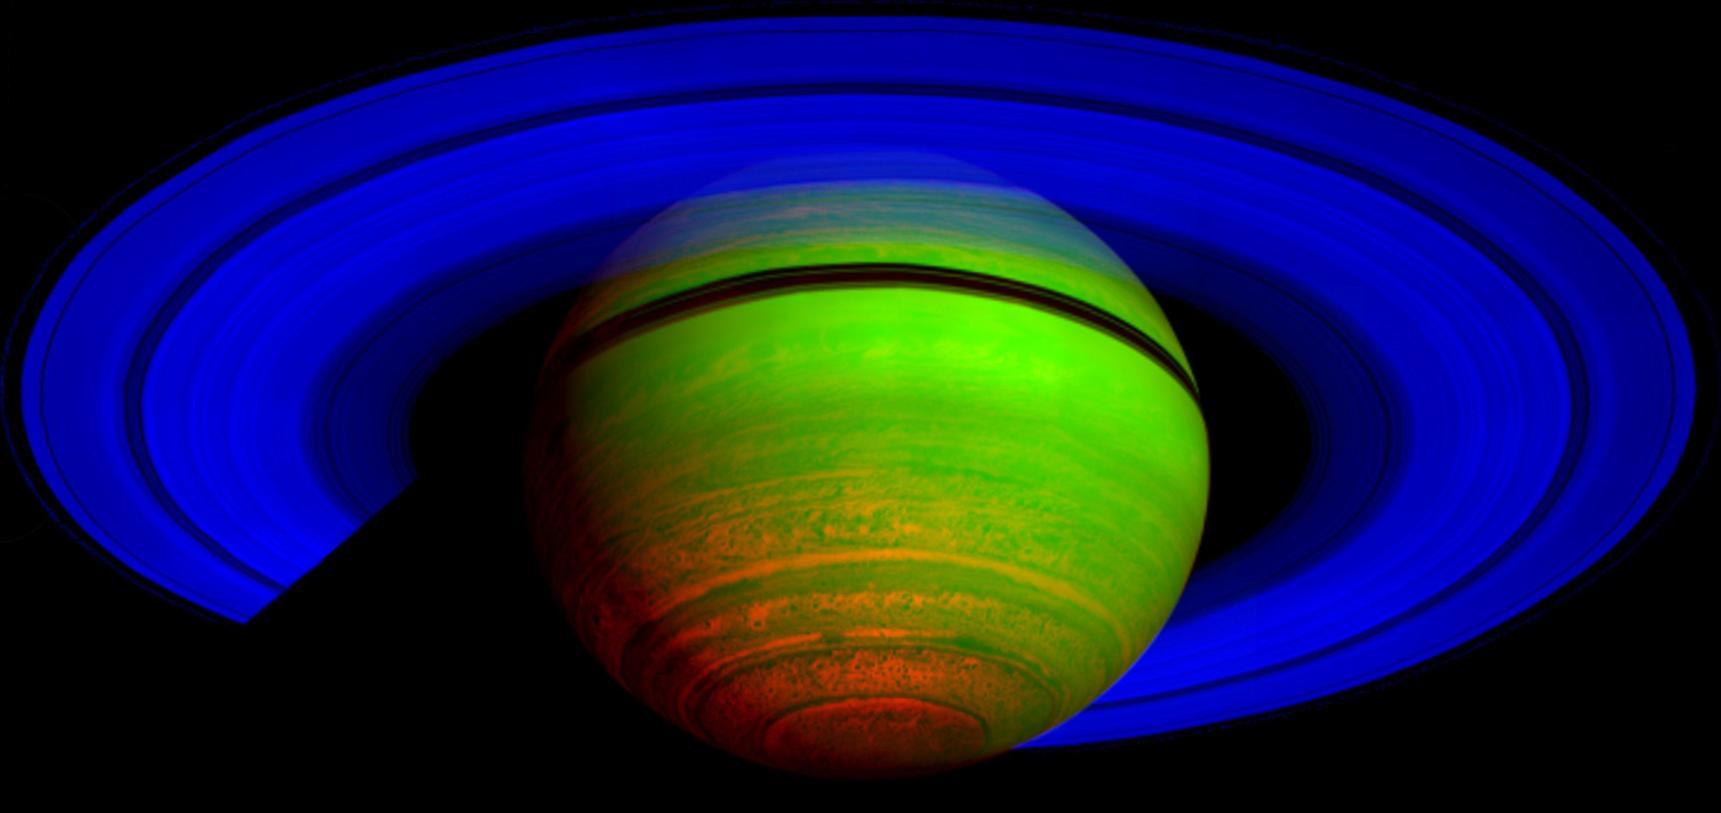 سیاره زحل – تصویری که توسط مدارگرد کاسینی ناسا گرفته شده با رنگ های مصنوعی با استفاده از 3 طول موج مادون قرمز؛ که الگوی تشعشعی حرارتی را در عوض نور خورشید بازتابیده شده، نشان می دهد.